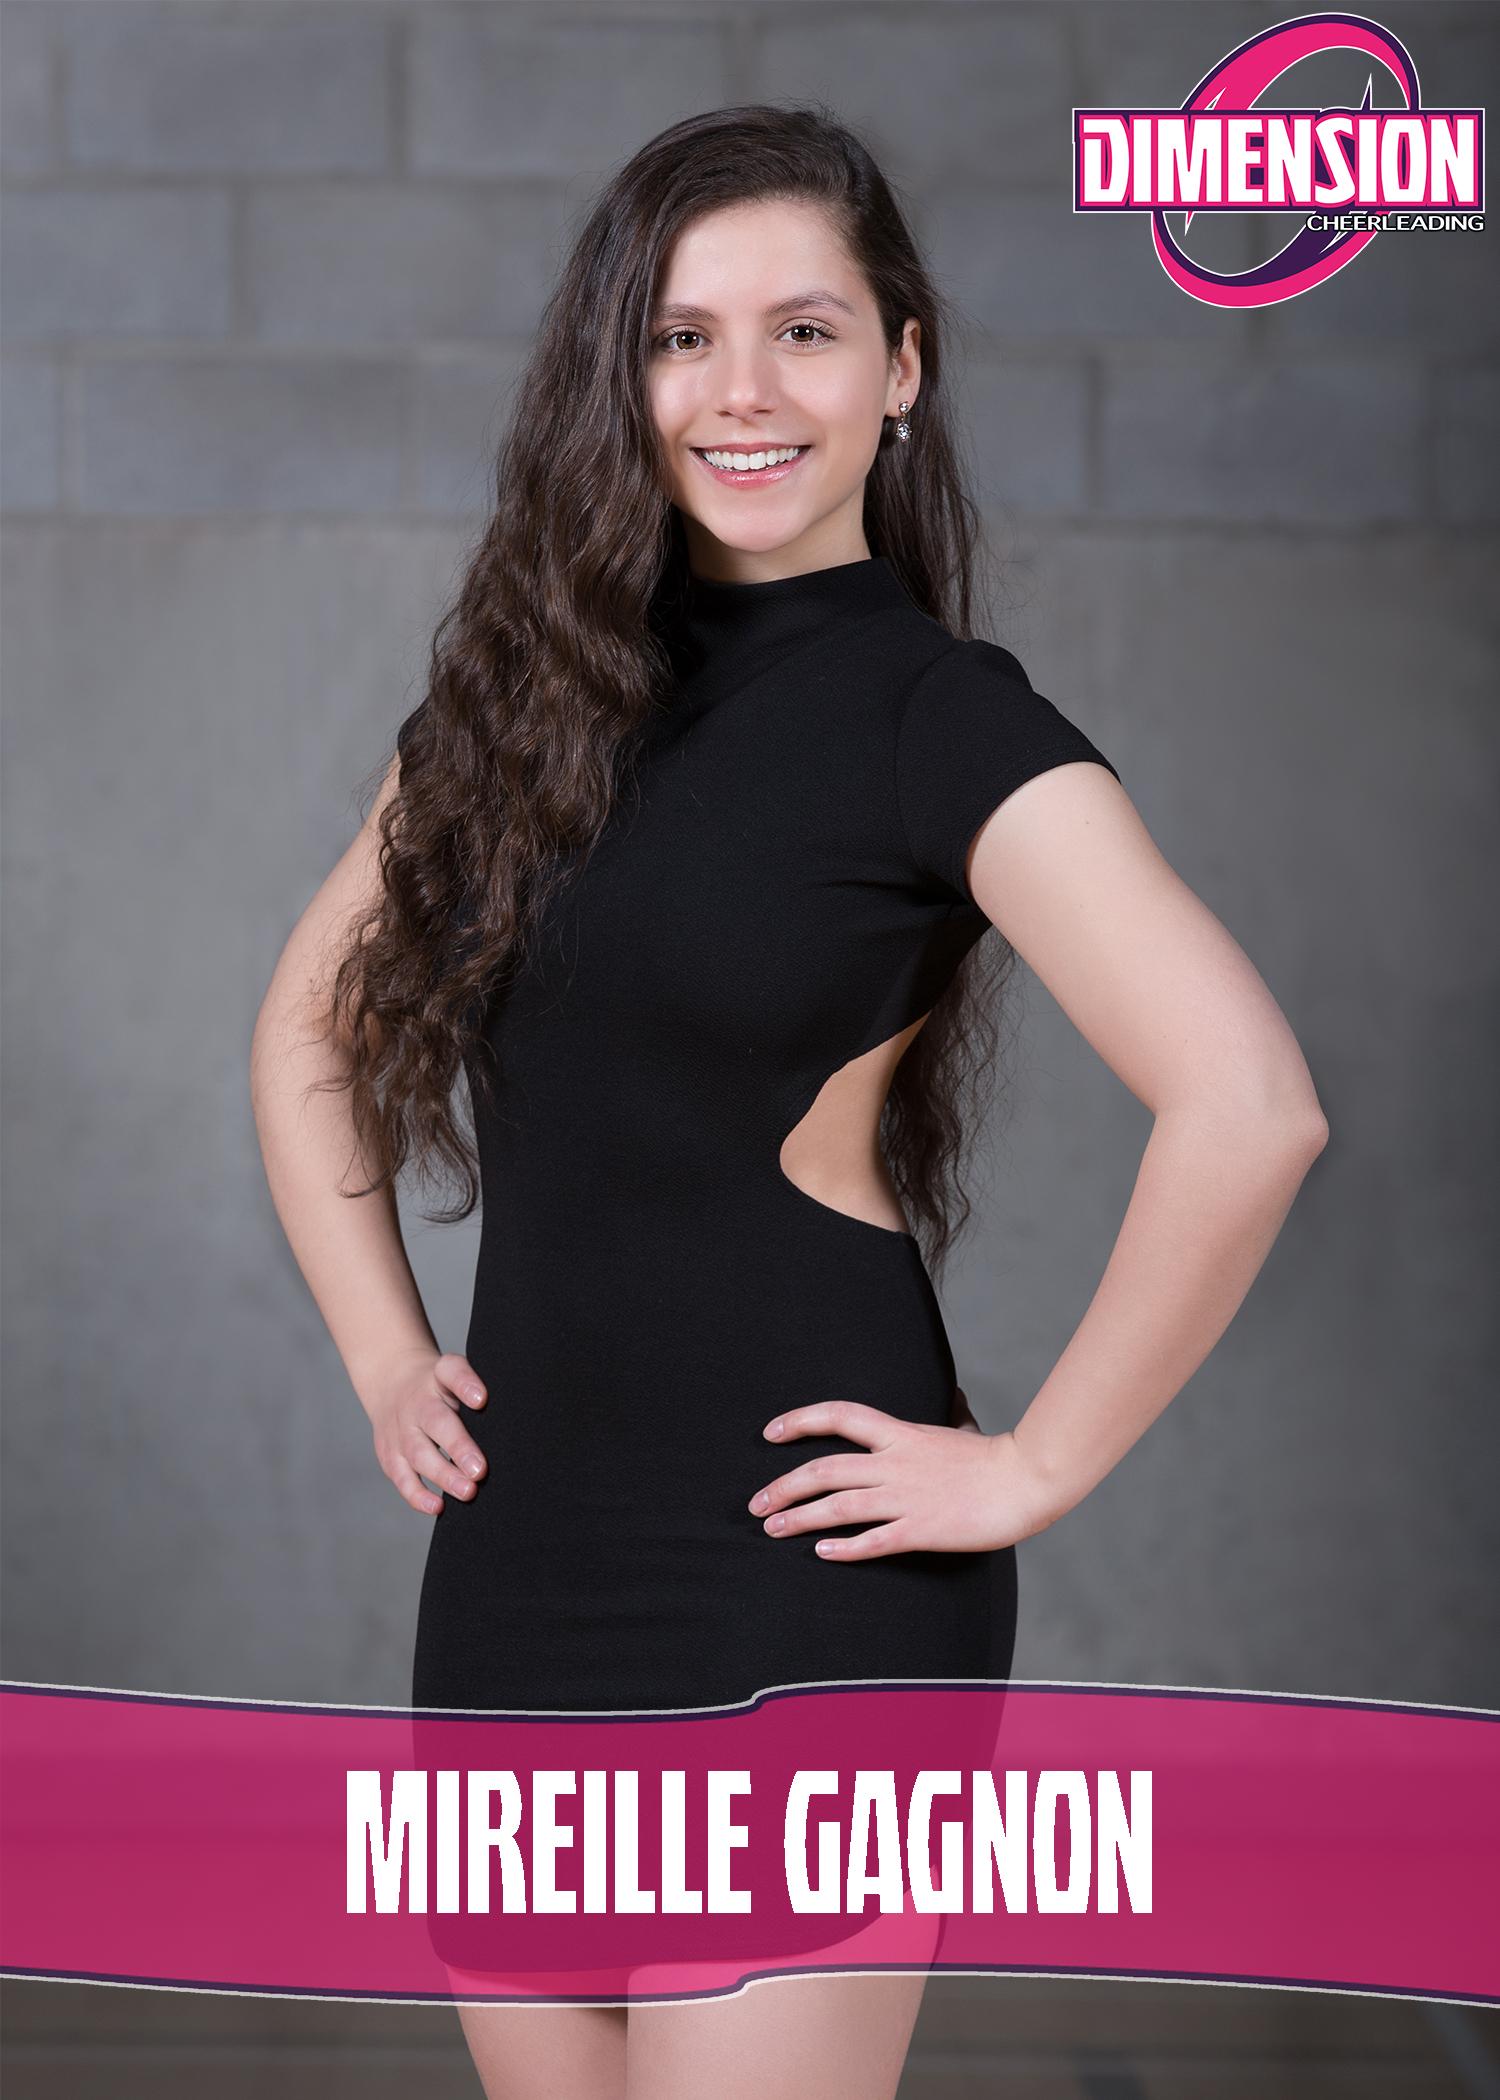 Mireille Gagnon